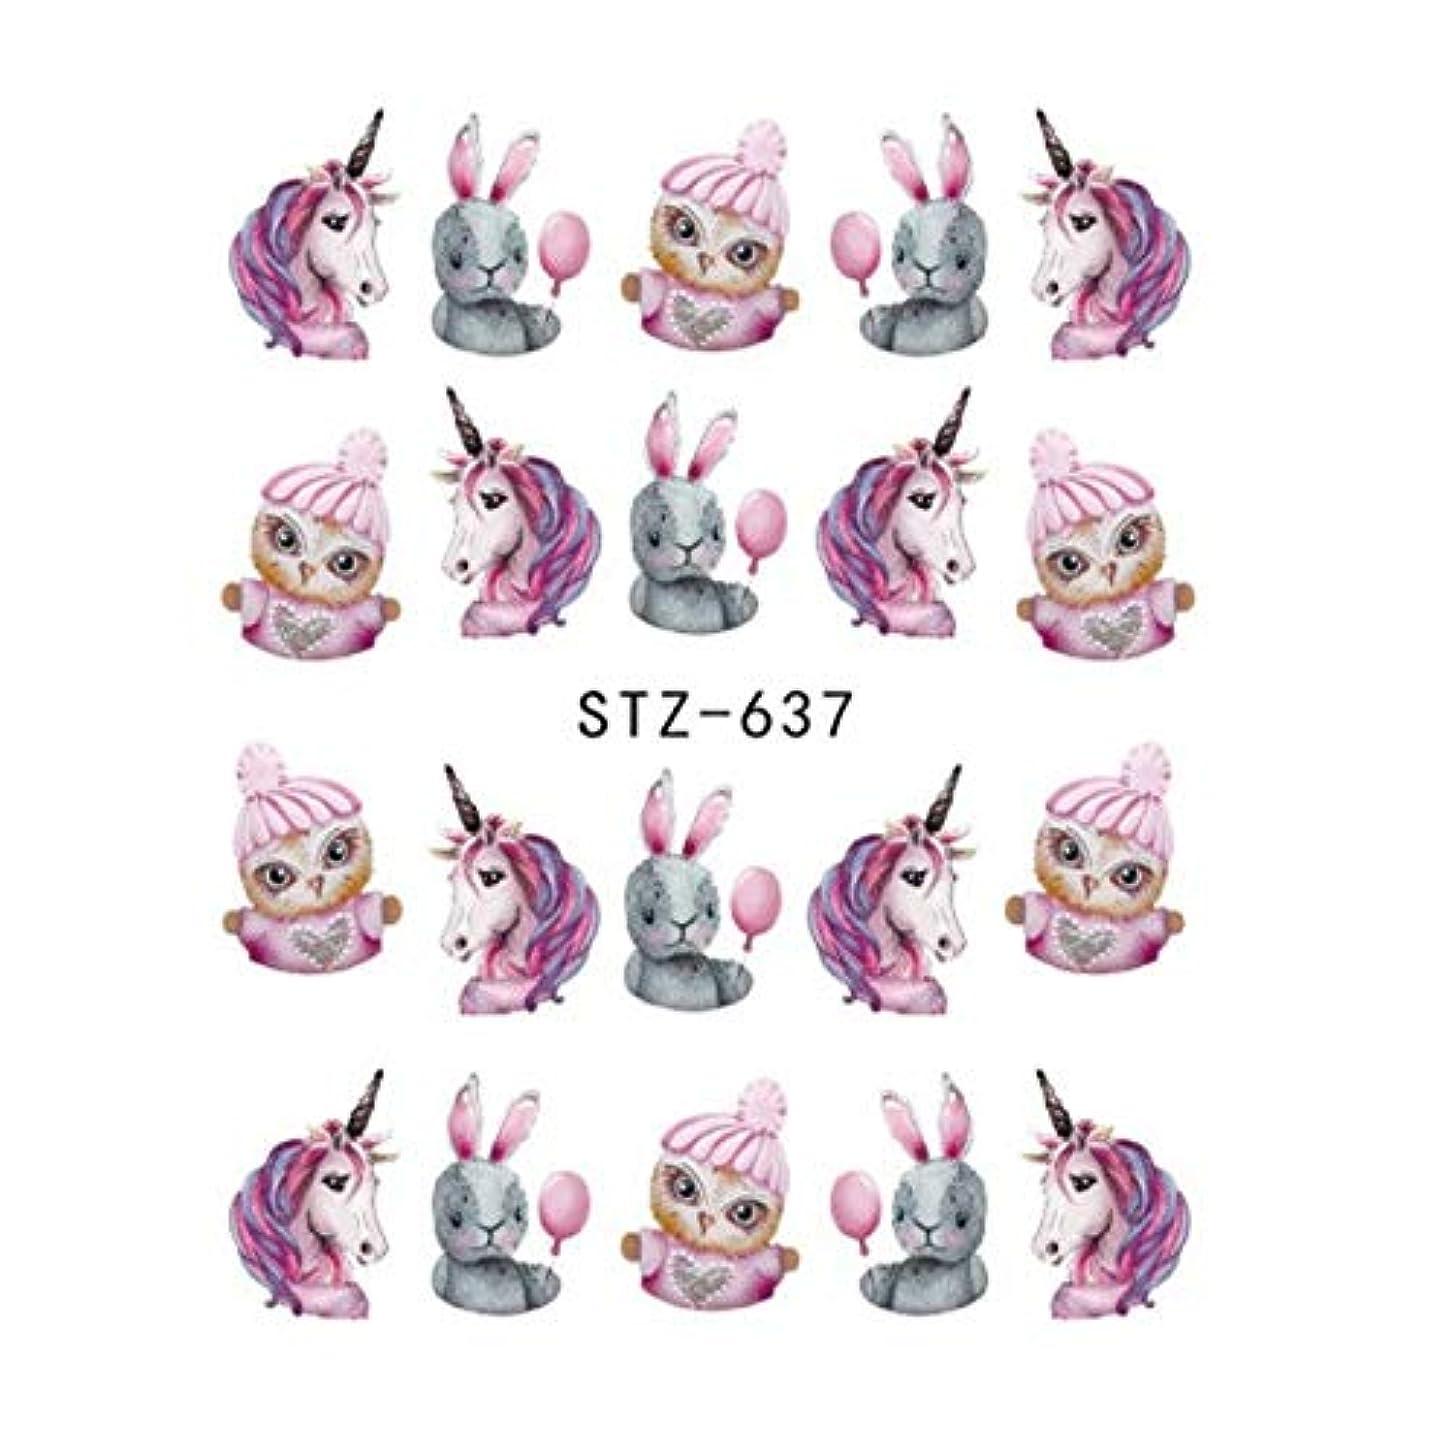 ルート誓約子孫SUKTI&XIAO ネイルステッカー ネイルステッカー/かわいい漫画の水っぽいマニキュアアップリケ新しいDiyパターンカラフルなネイルステッカー